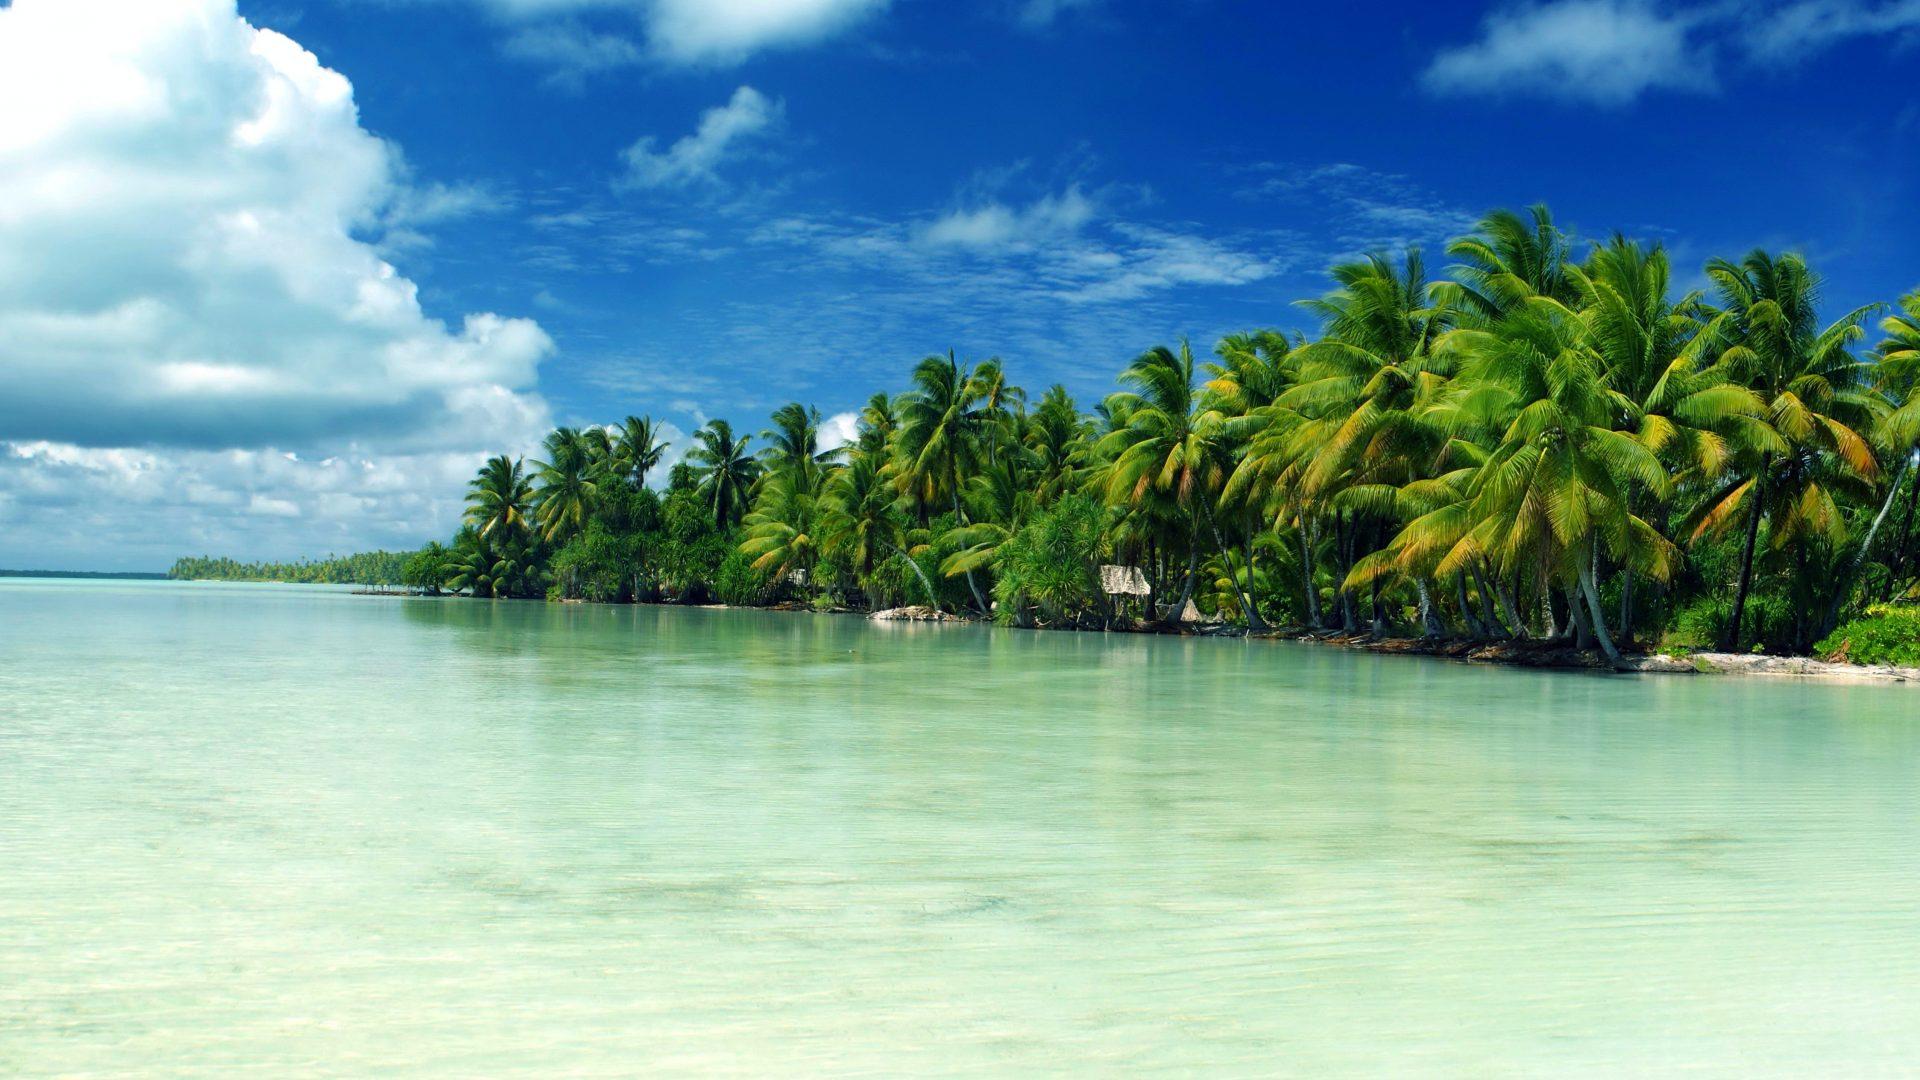 Iphone X Wallpaper Hd Live Nz Appoints New Diplomatic Head In Kiribati Kiribati